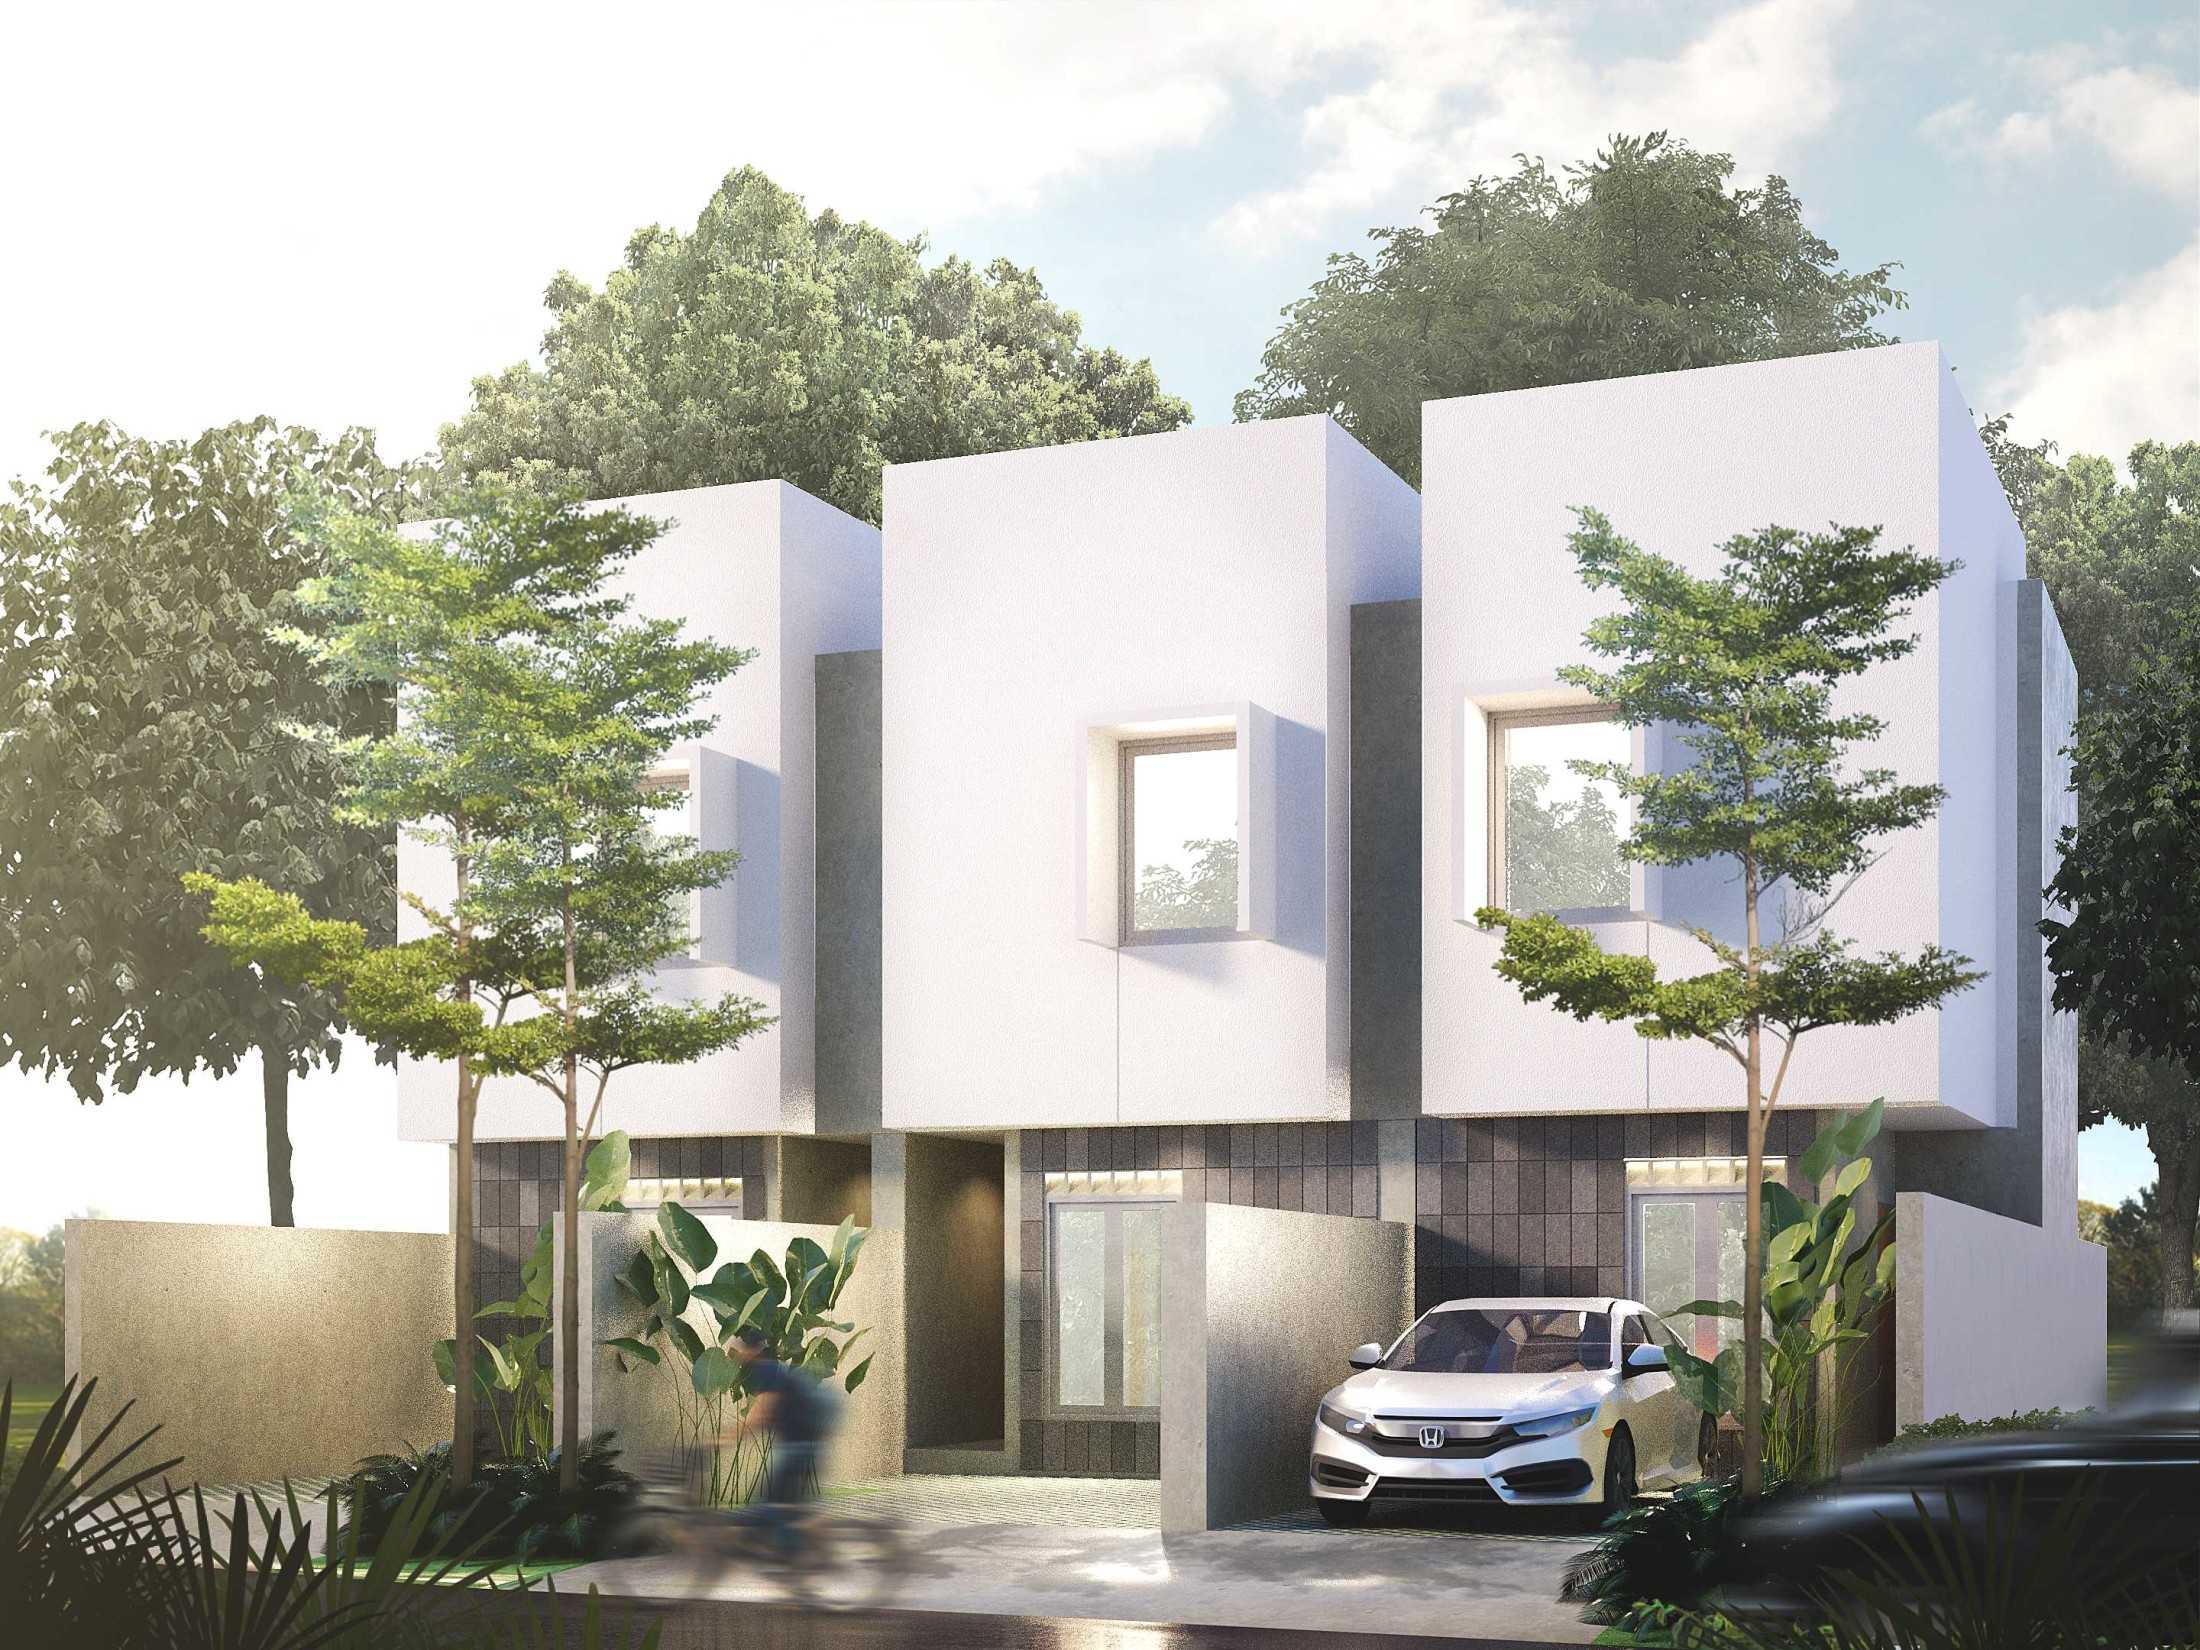 Saa Studio Rumah Millenial Bekasi, Tambelang, Bekasi, Jawa Barat, Indonesia Bekasi, Kota Bks, Jawa Barat, Indonesia Saa-Studio-Rumah-Millenial  109886